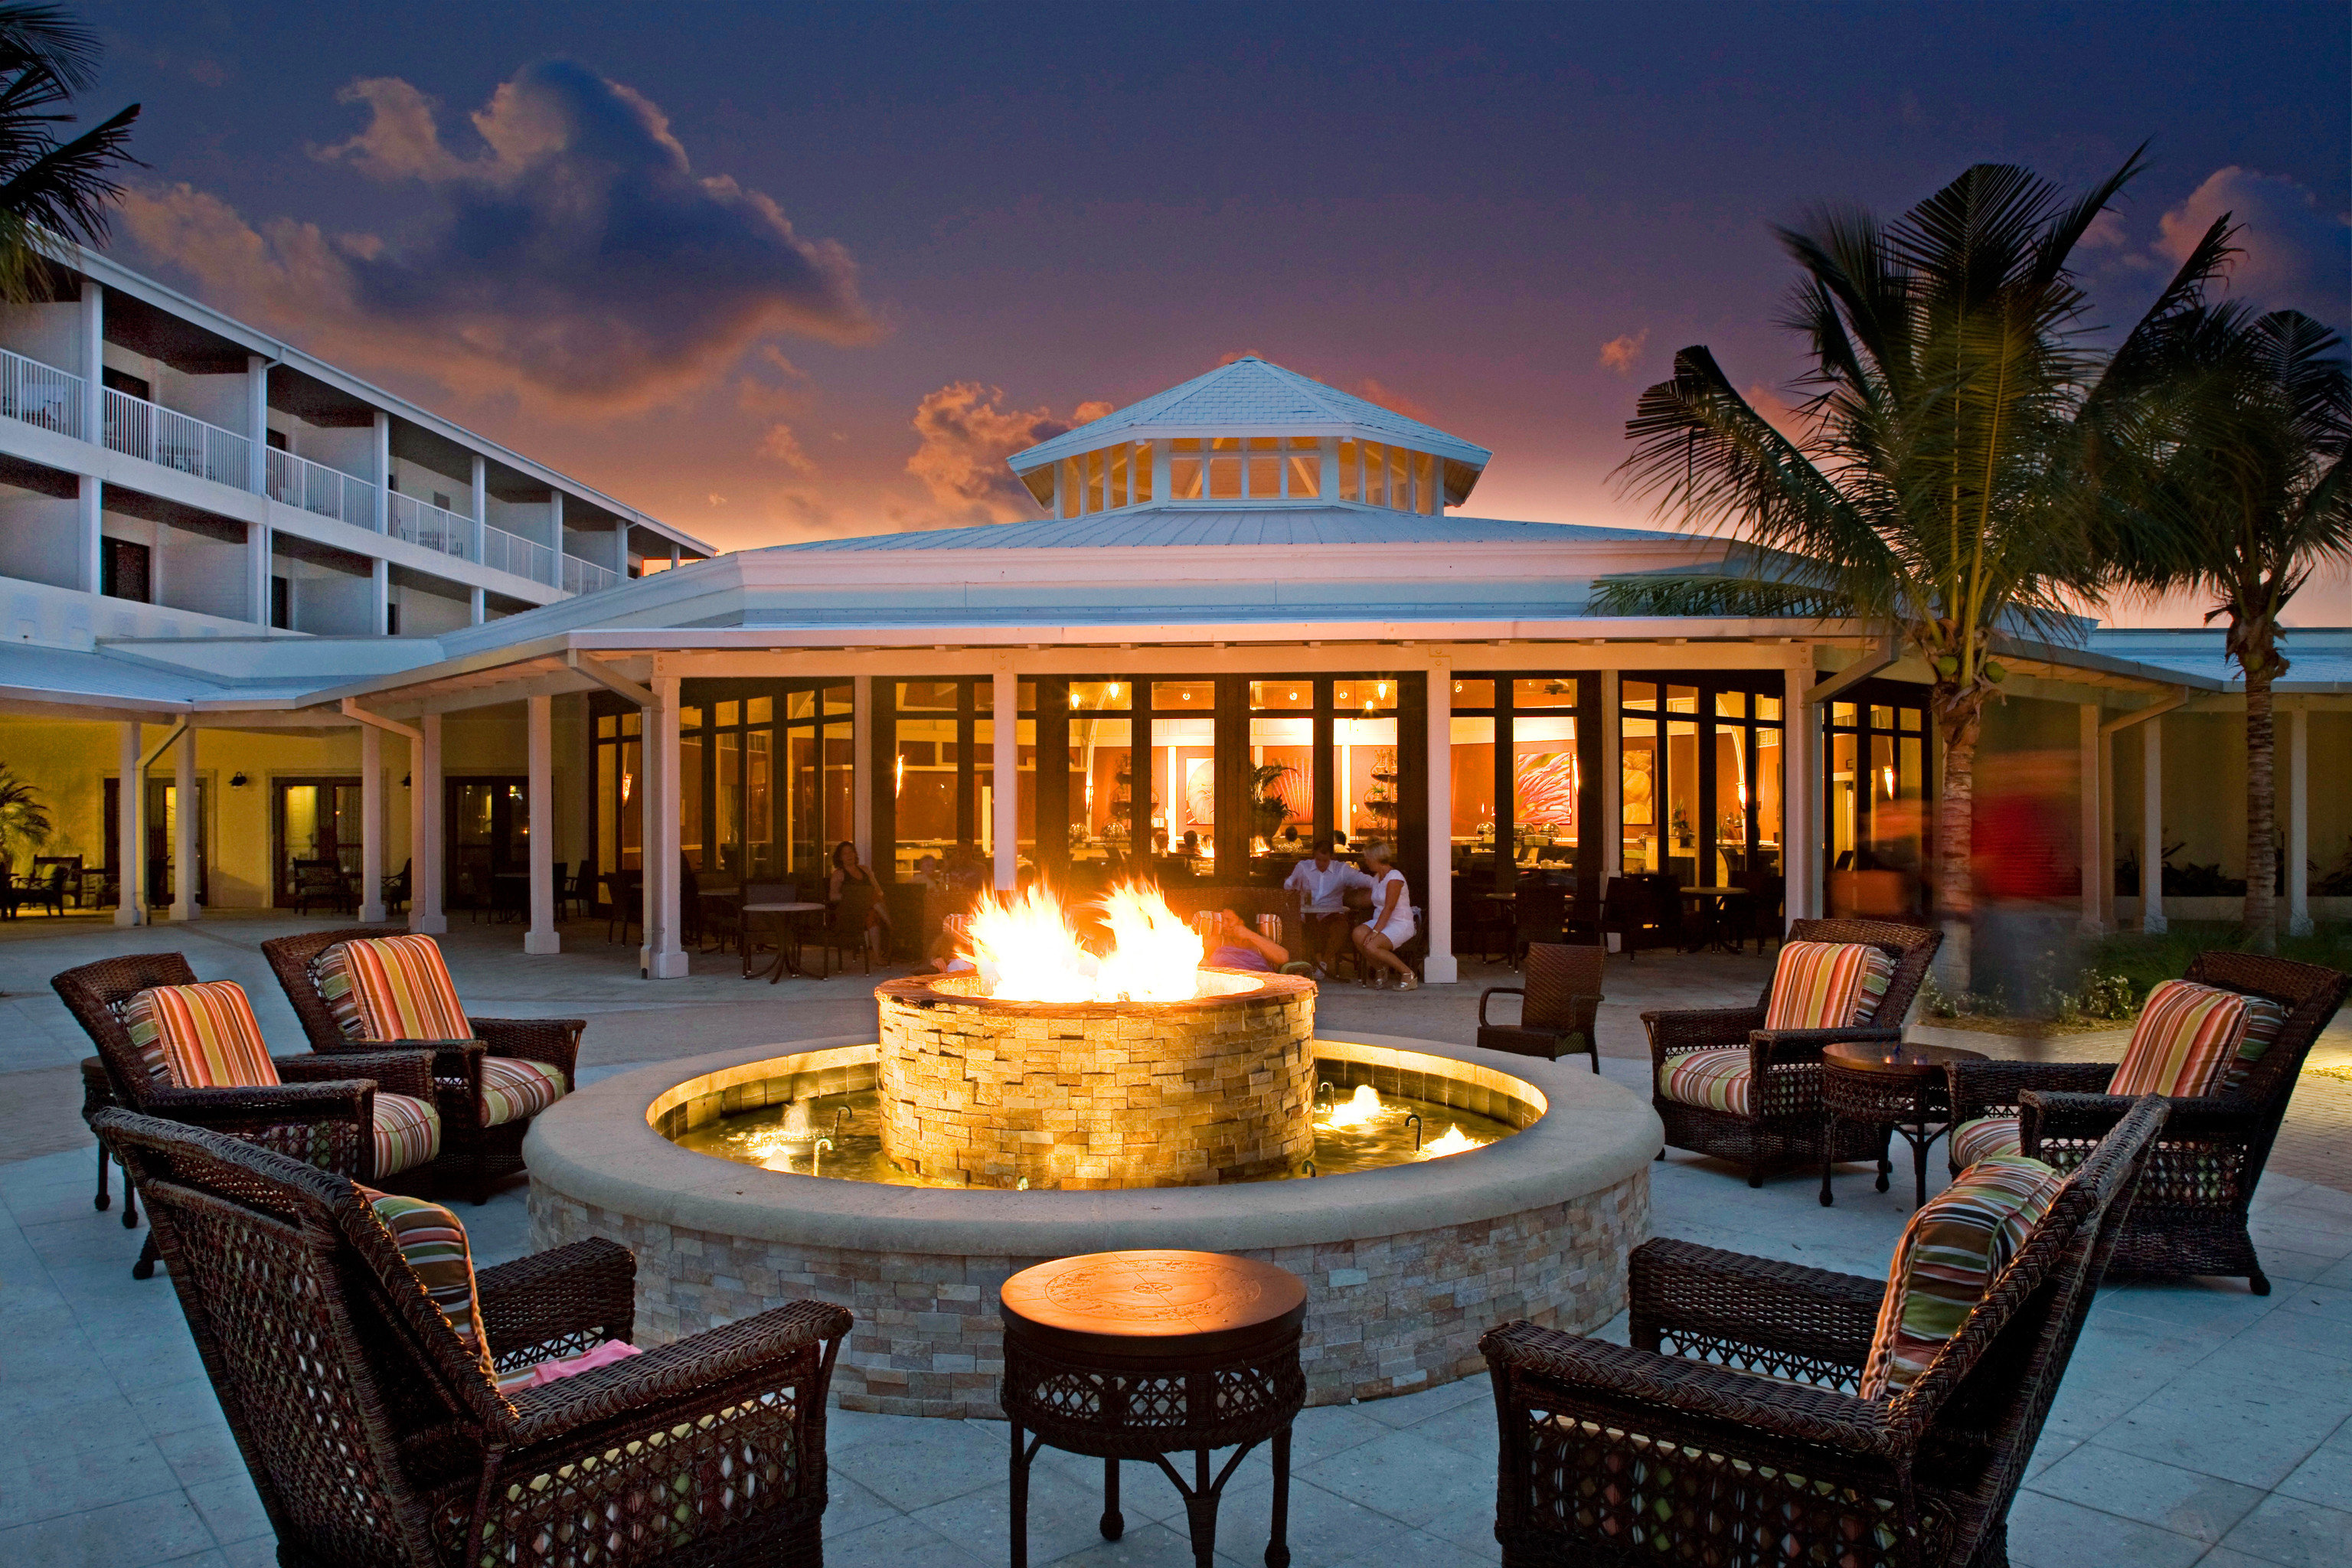 Firepit Hip Lounge sky property Resort home Villa mansion palace